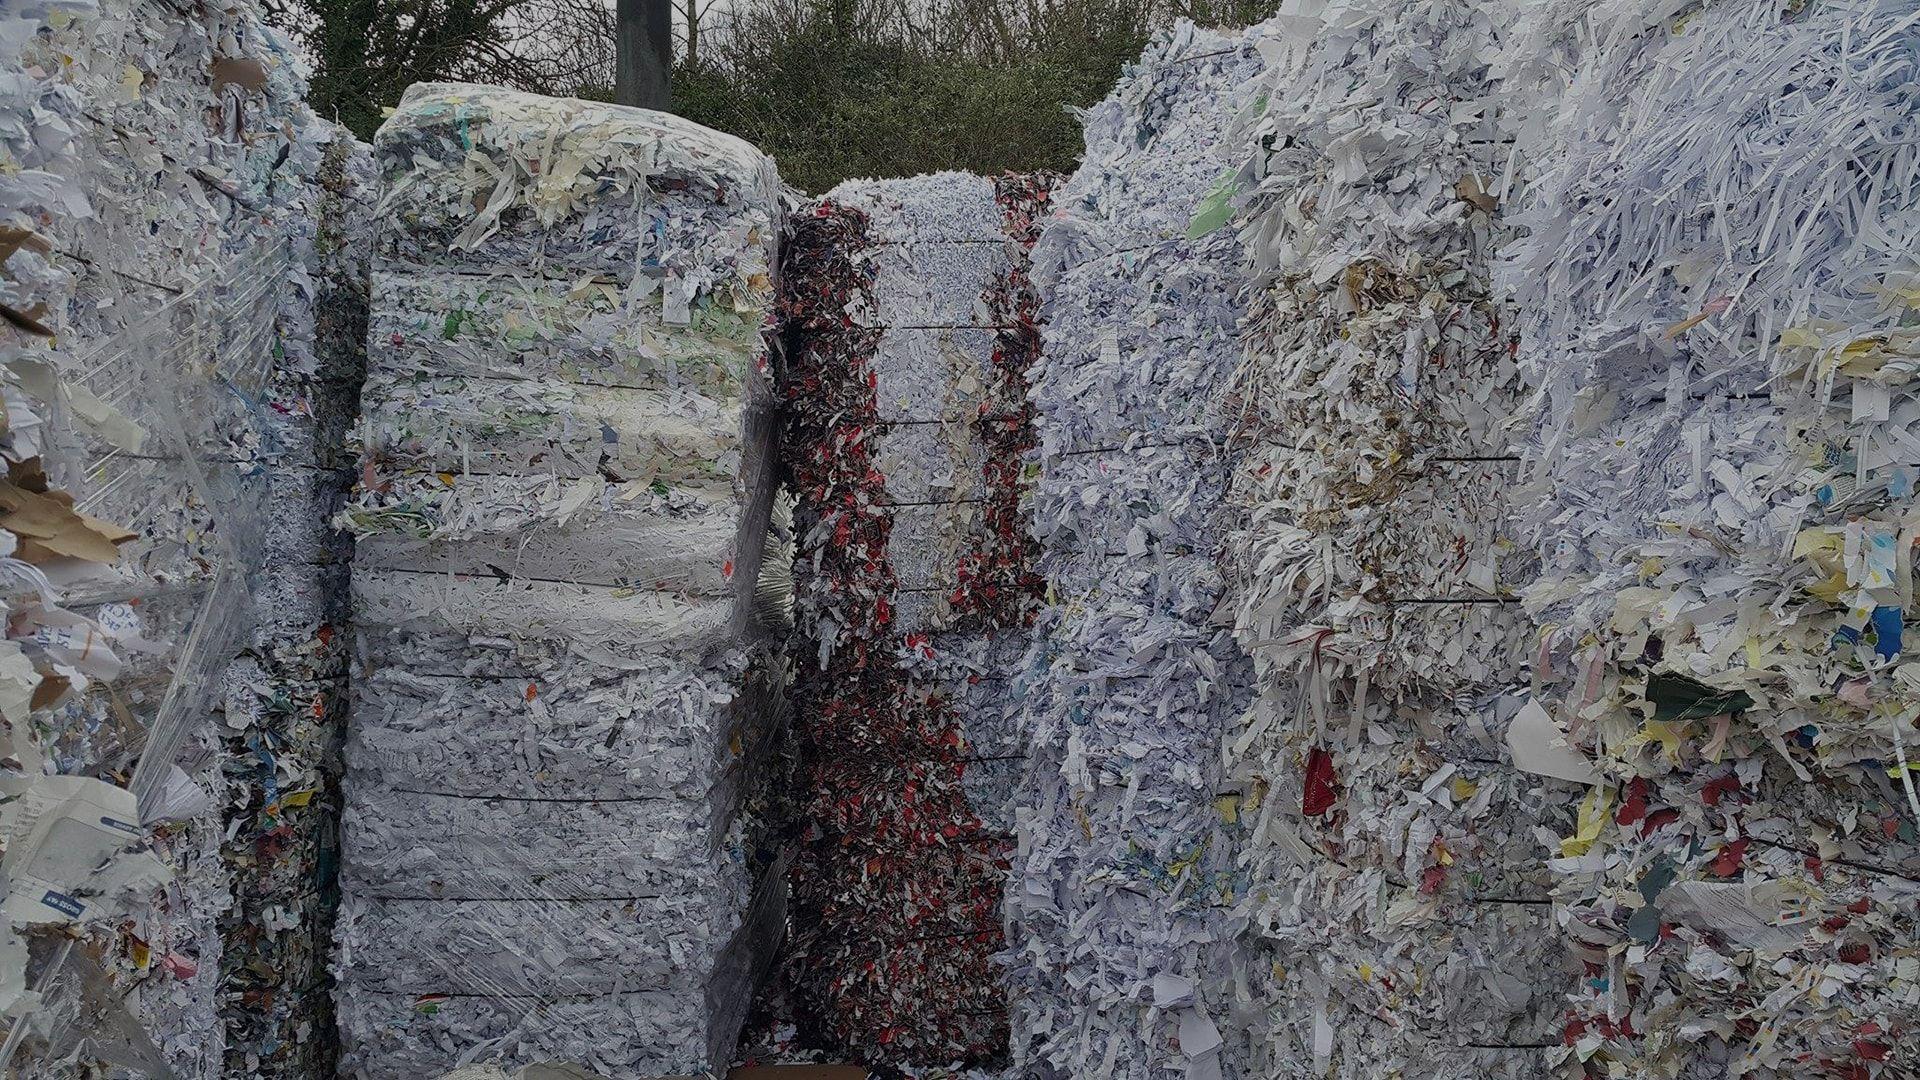 shredded paper piles